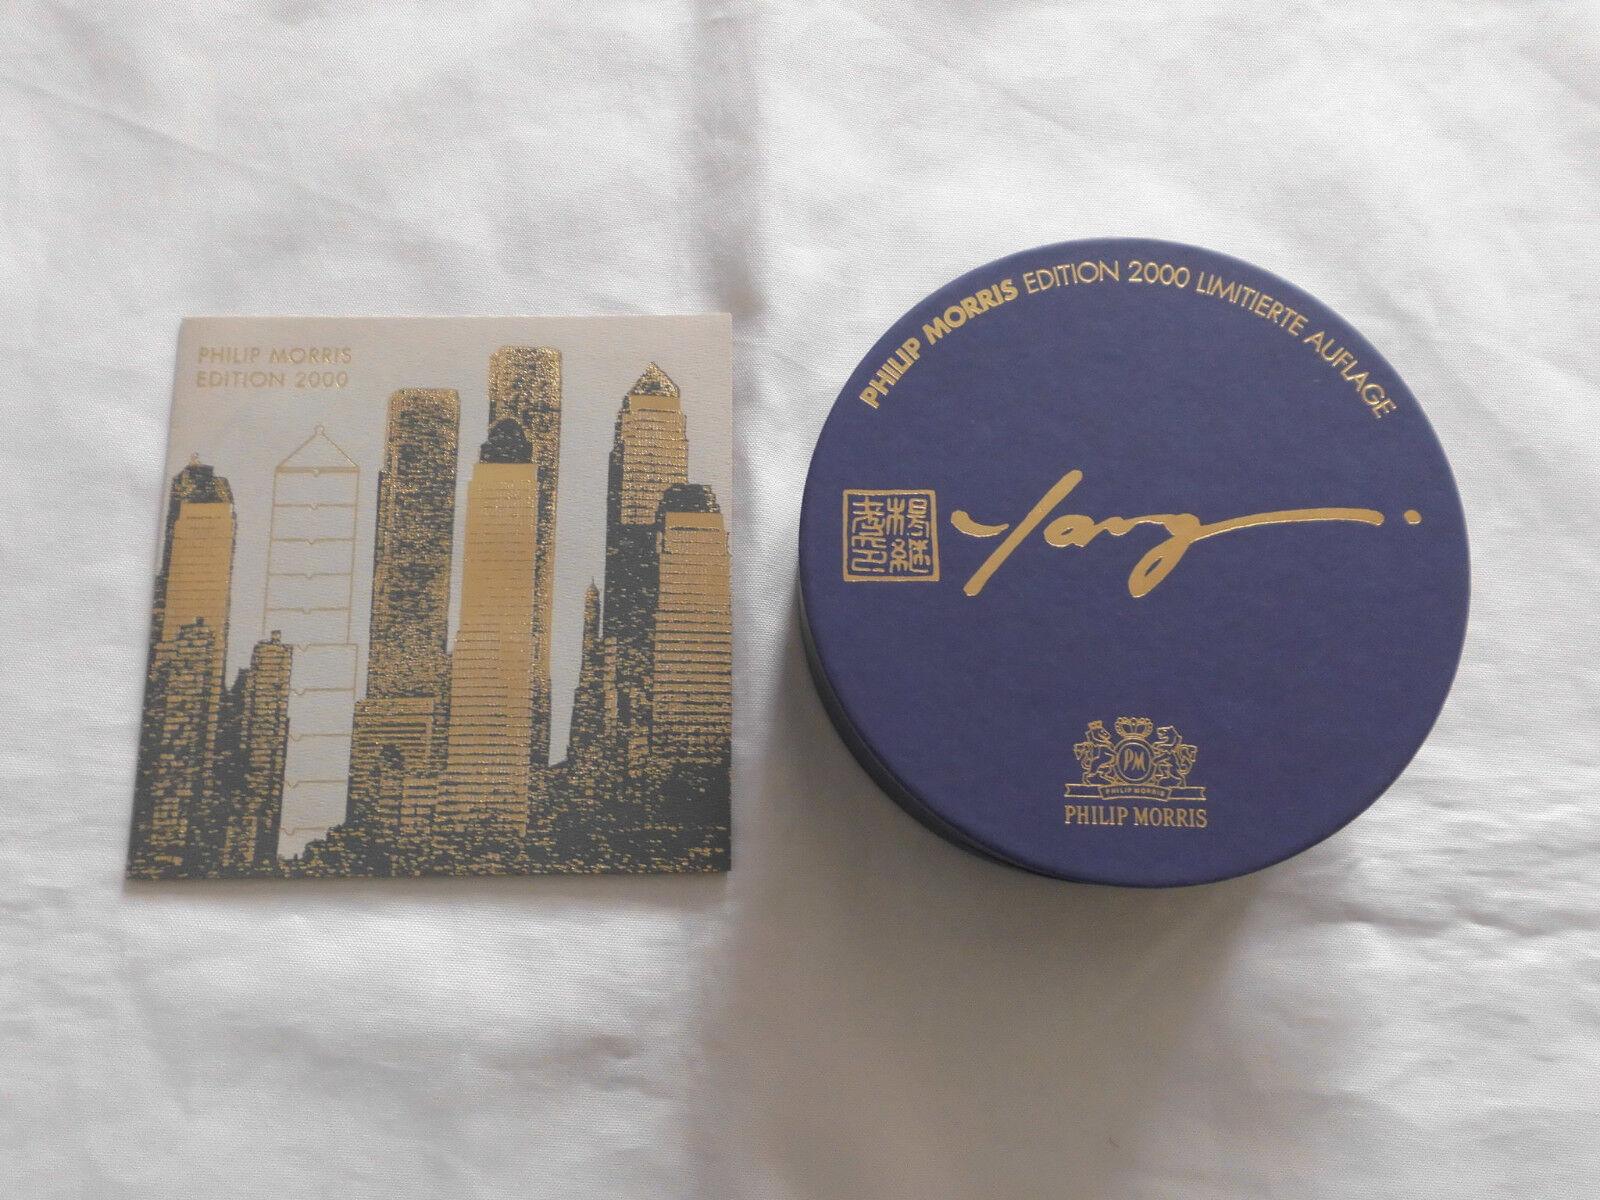 Philip Morris Editions Aschenbecher Rosanthal Limitierte Aufl, 2000   1999 Yang   Eine Große Vielfalt An Modelle 2019 Neue